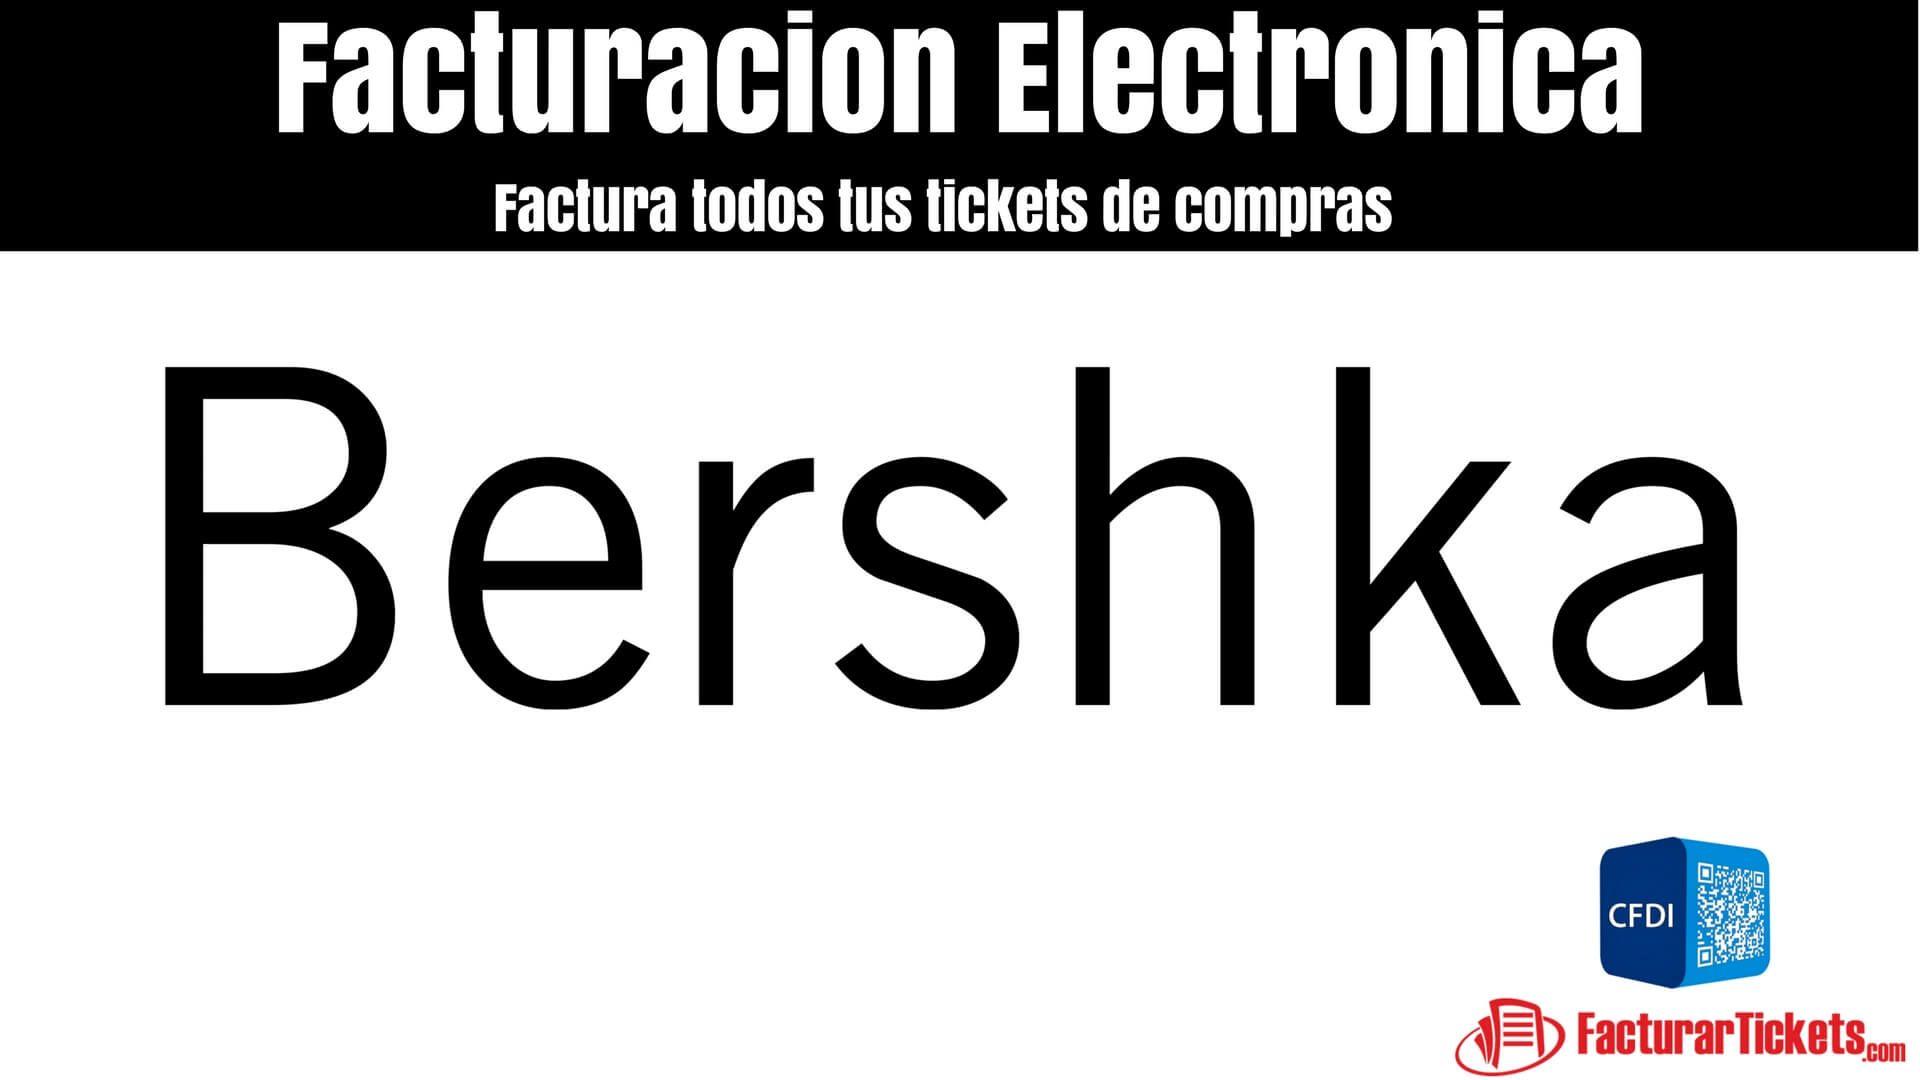 Facturacion bershka xml y pdf facturacion electronica de tickets facturacion bershka xml y pdf fandeluxe Gallery